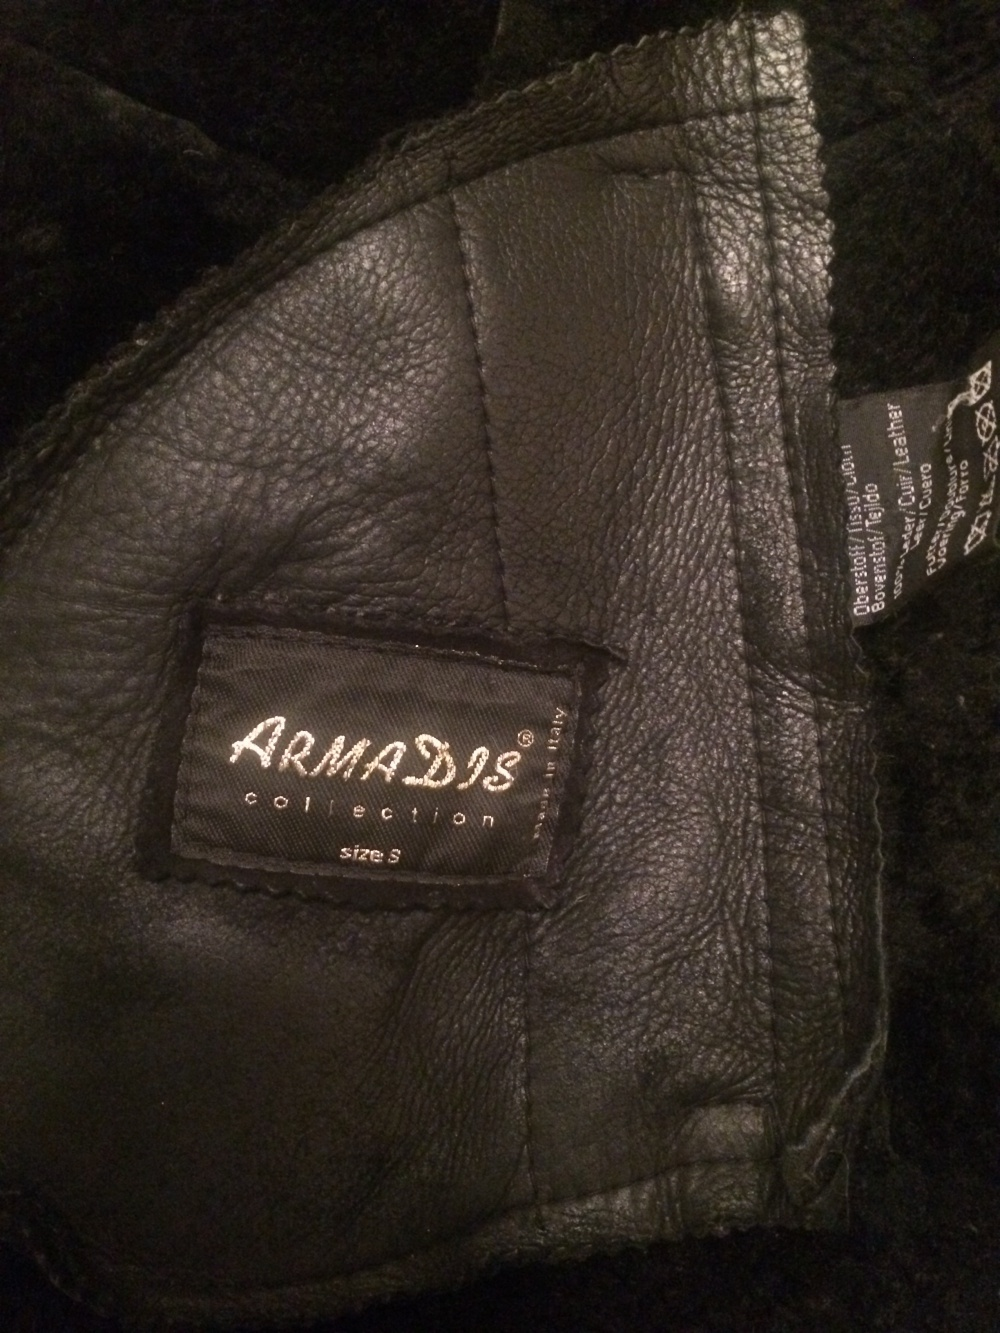 Дублёнка ArmaDis, размер S